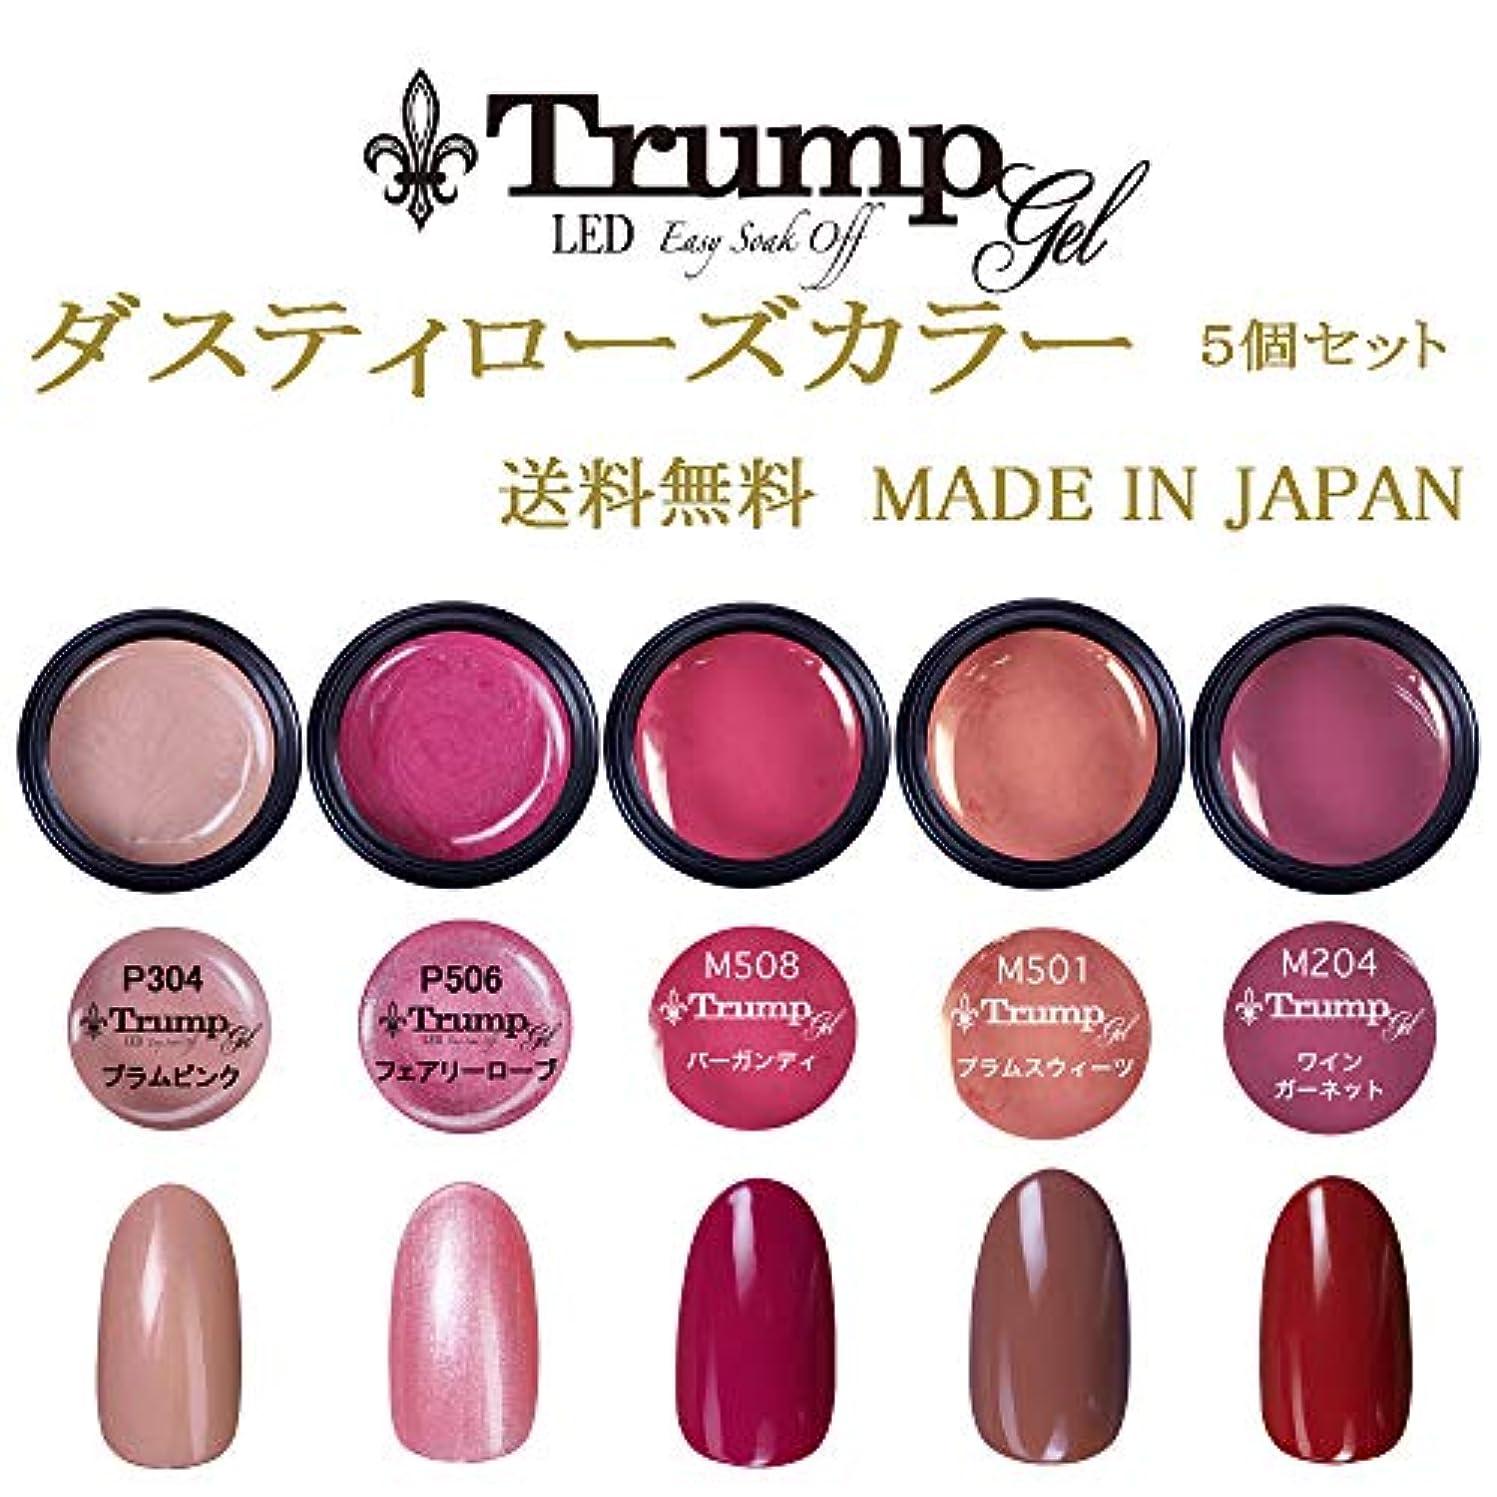 利点とティーム用心【送料無料】日本製 Trump gel トランプジェル ダスティローズカラージェル 5個セット スタイリッシュでオシャレな 白べっ甲カラージェルセット